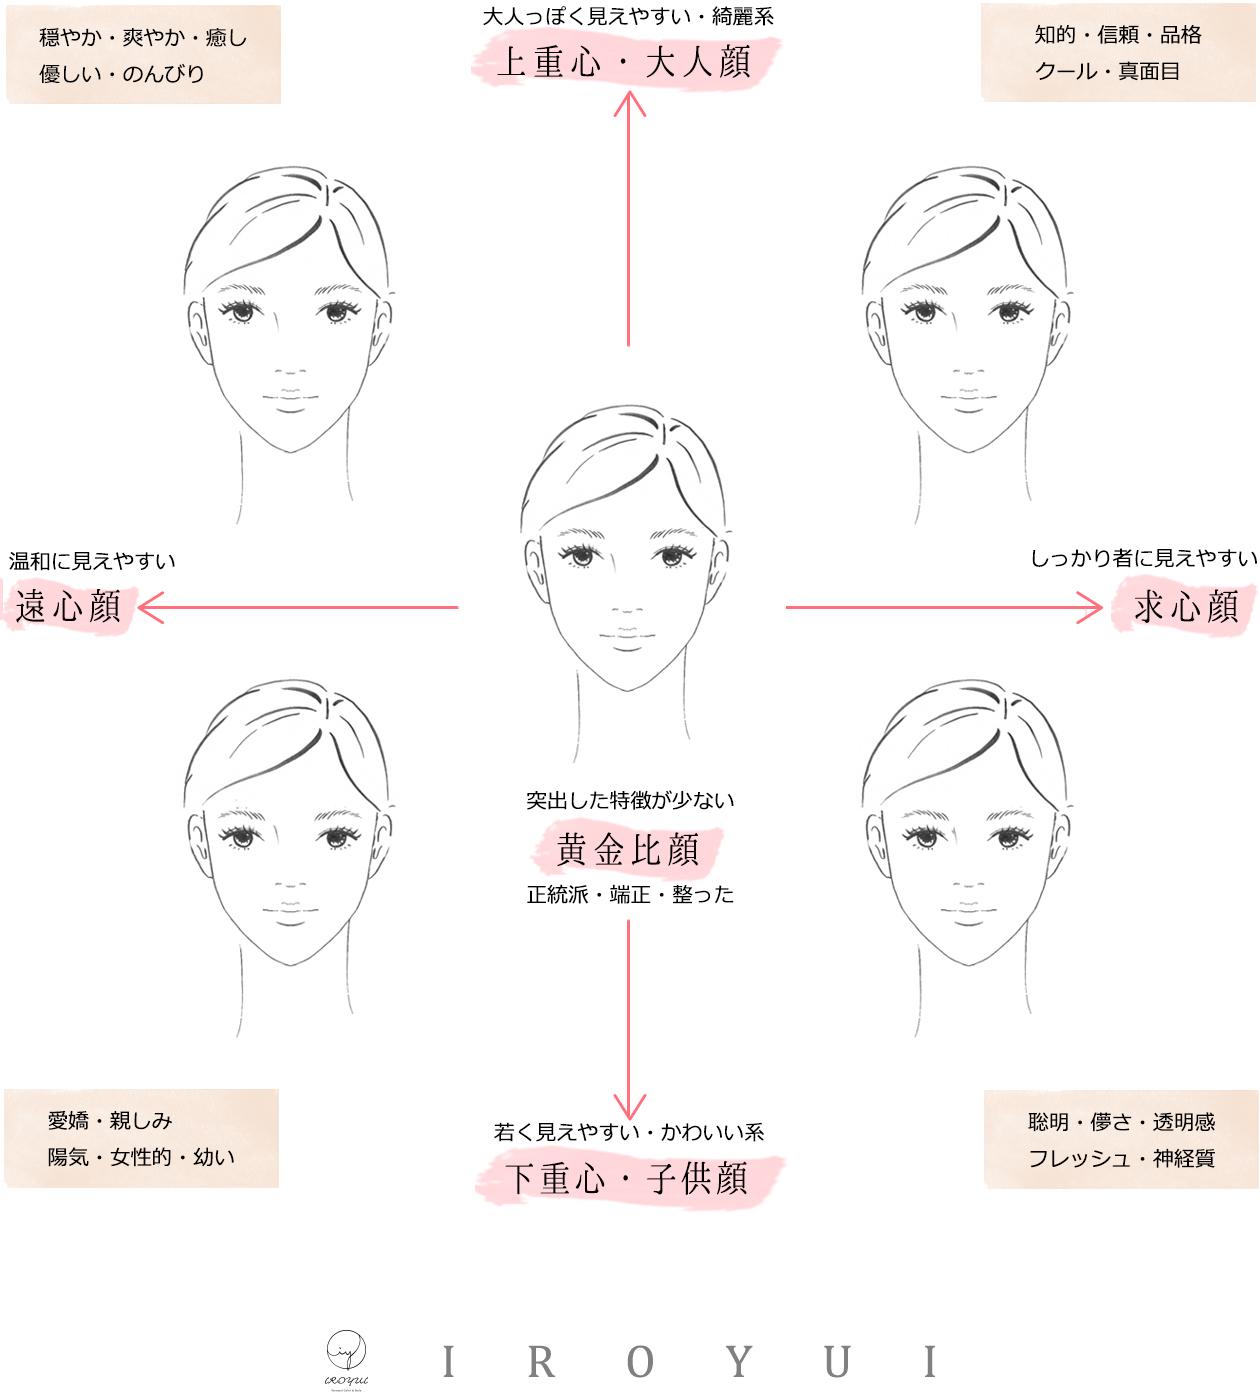 顔タイプによるメイクレッスン遠心顔と求心顔の表